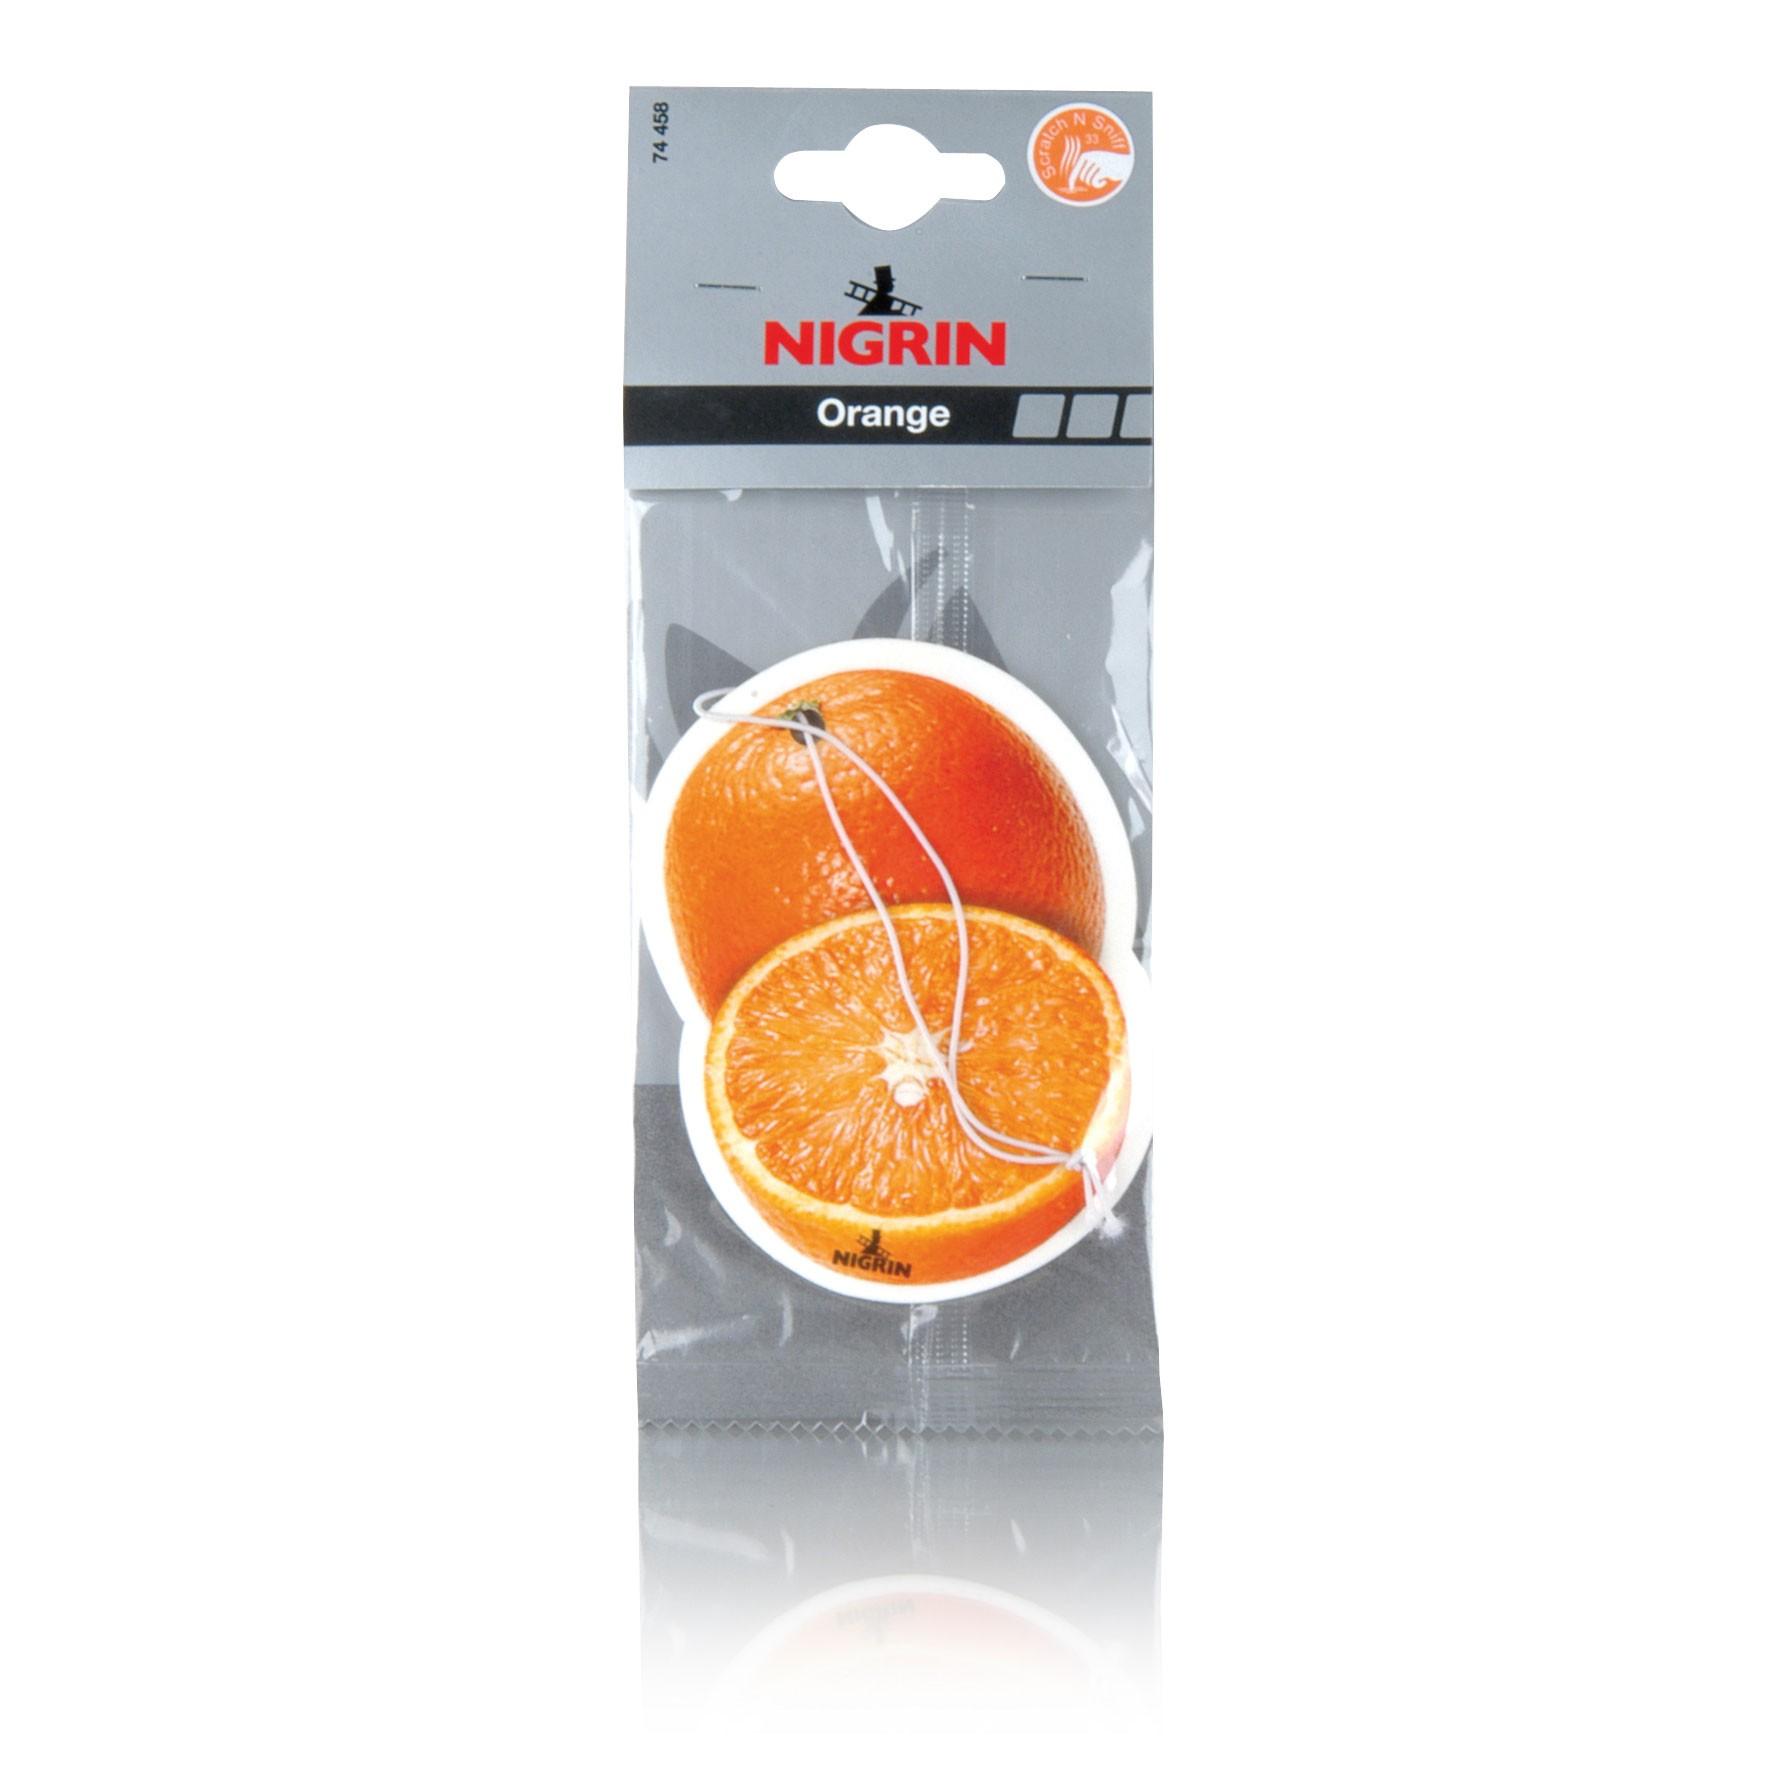 Nigrin Lufterfrischer / Frischer Duft  Orange 1 Stück Bild 1